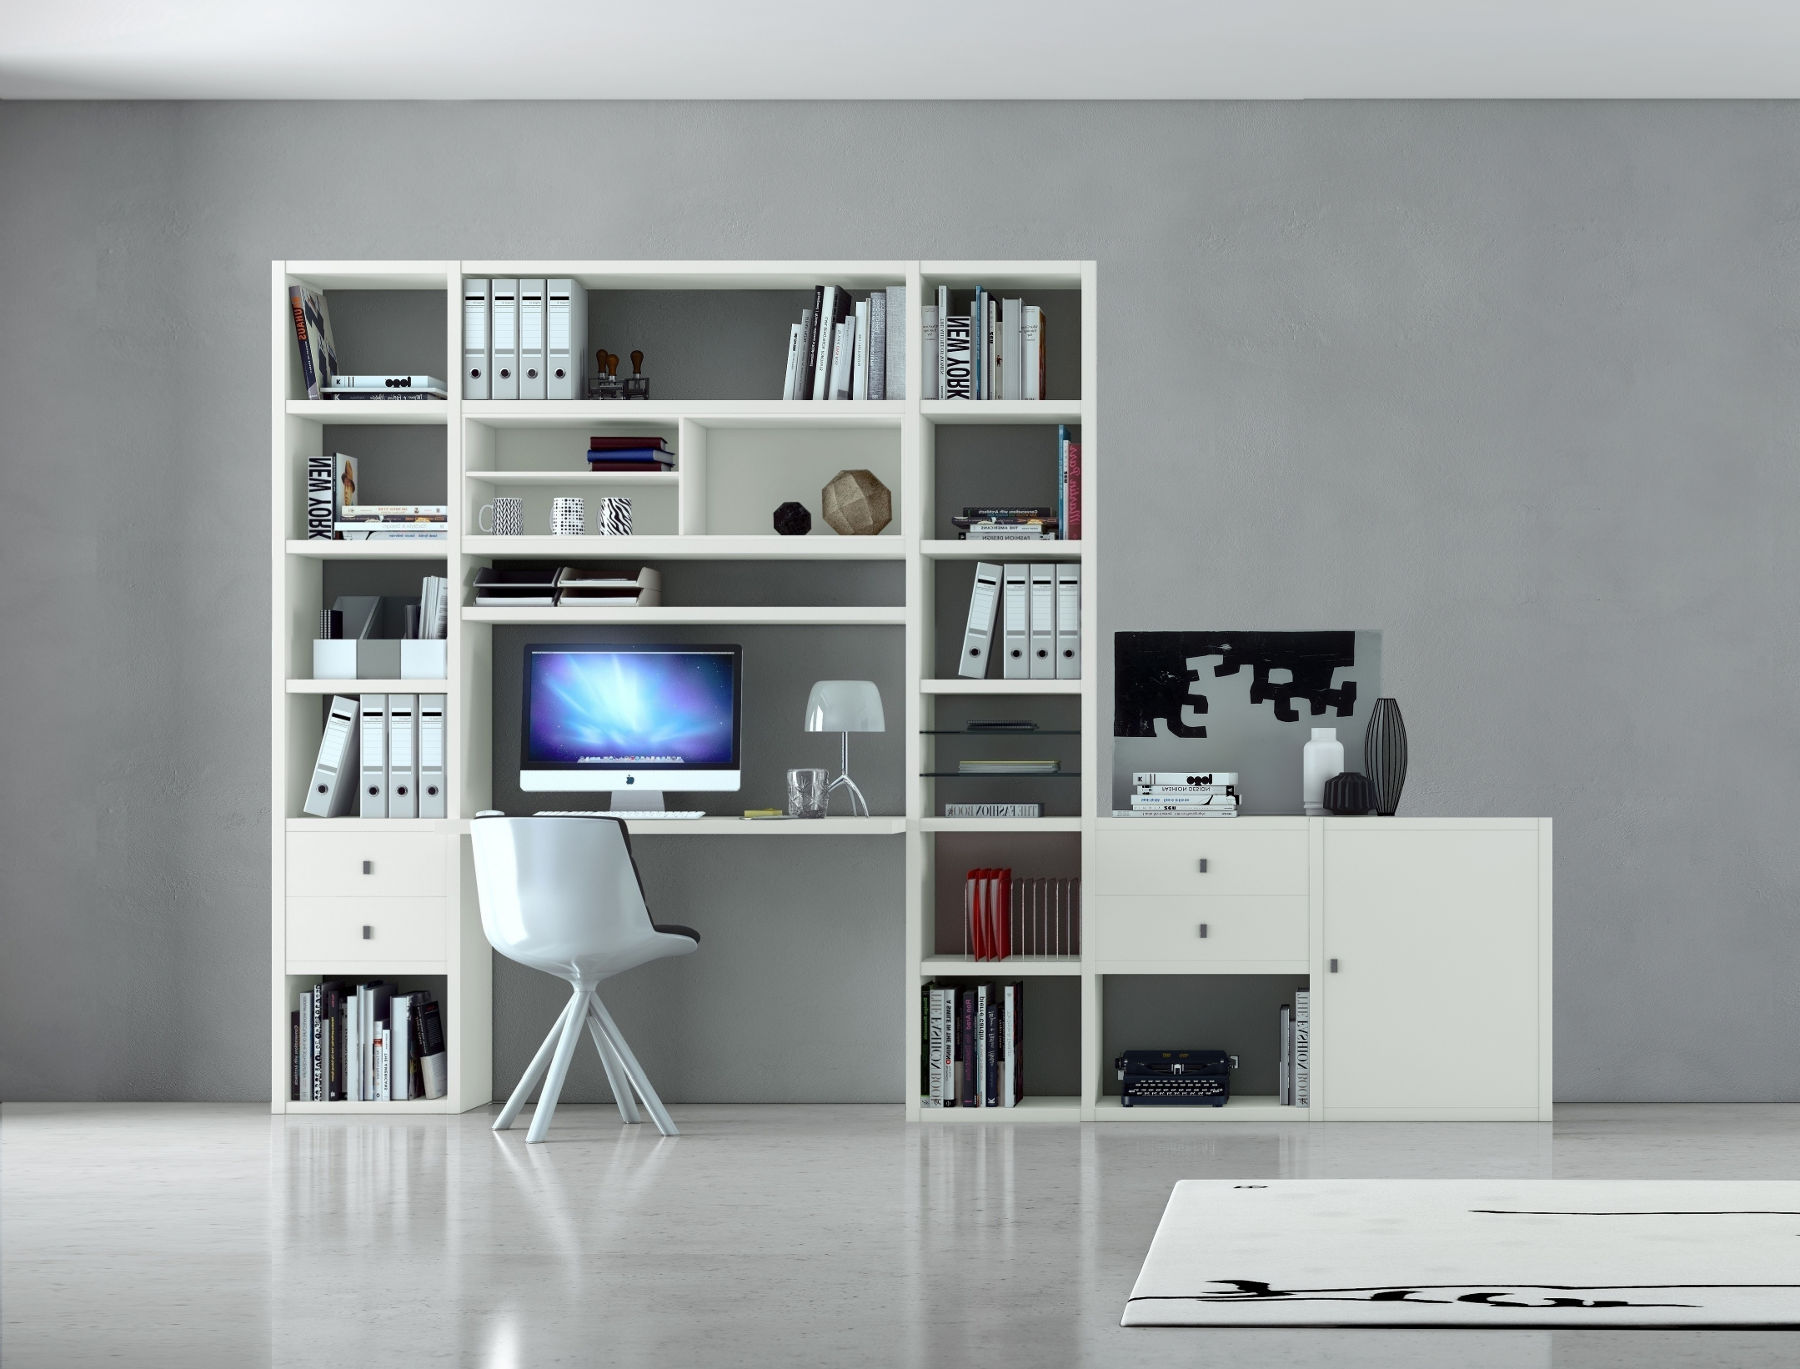 Full Size of überbau Schlafzimmer Modern Schreibtisch Mit Berbau Bcherregal Wei Lack Designermbel Set Günstig Deckenlampe Rauch Komplette Komplett Massivholz Wiemann Wohnzimmer überbau Schlafzimmer Modern